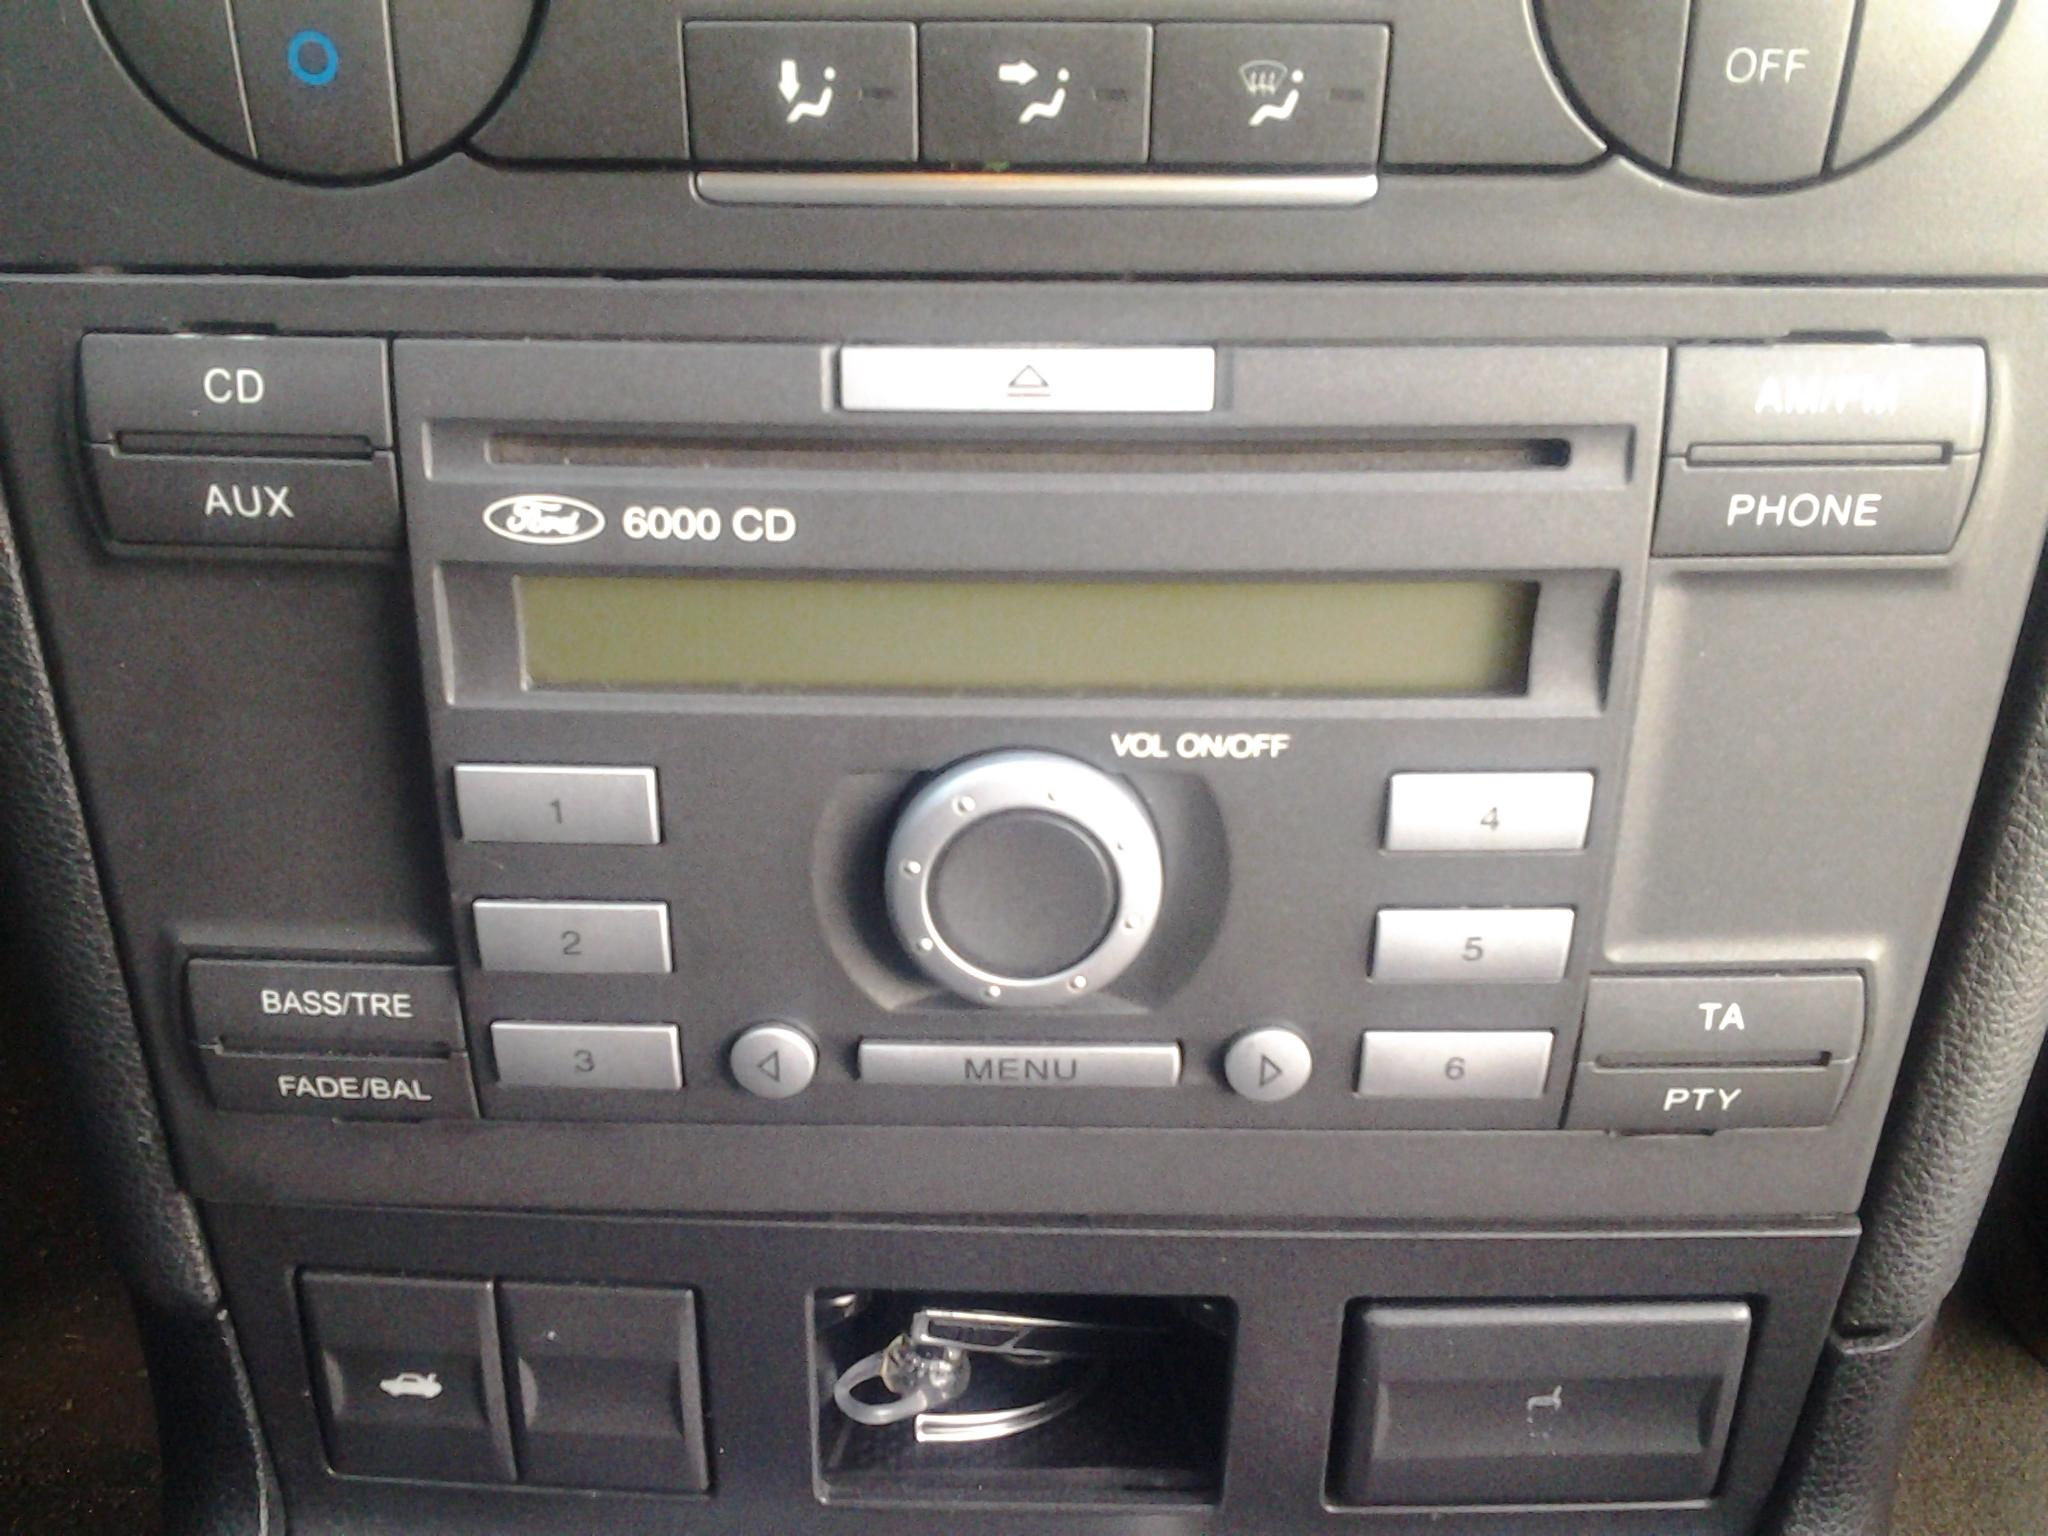 Top Zawiesza się radio ford6000cd w mondeo mk3 2.0tdci LV-38